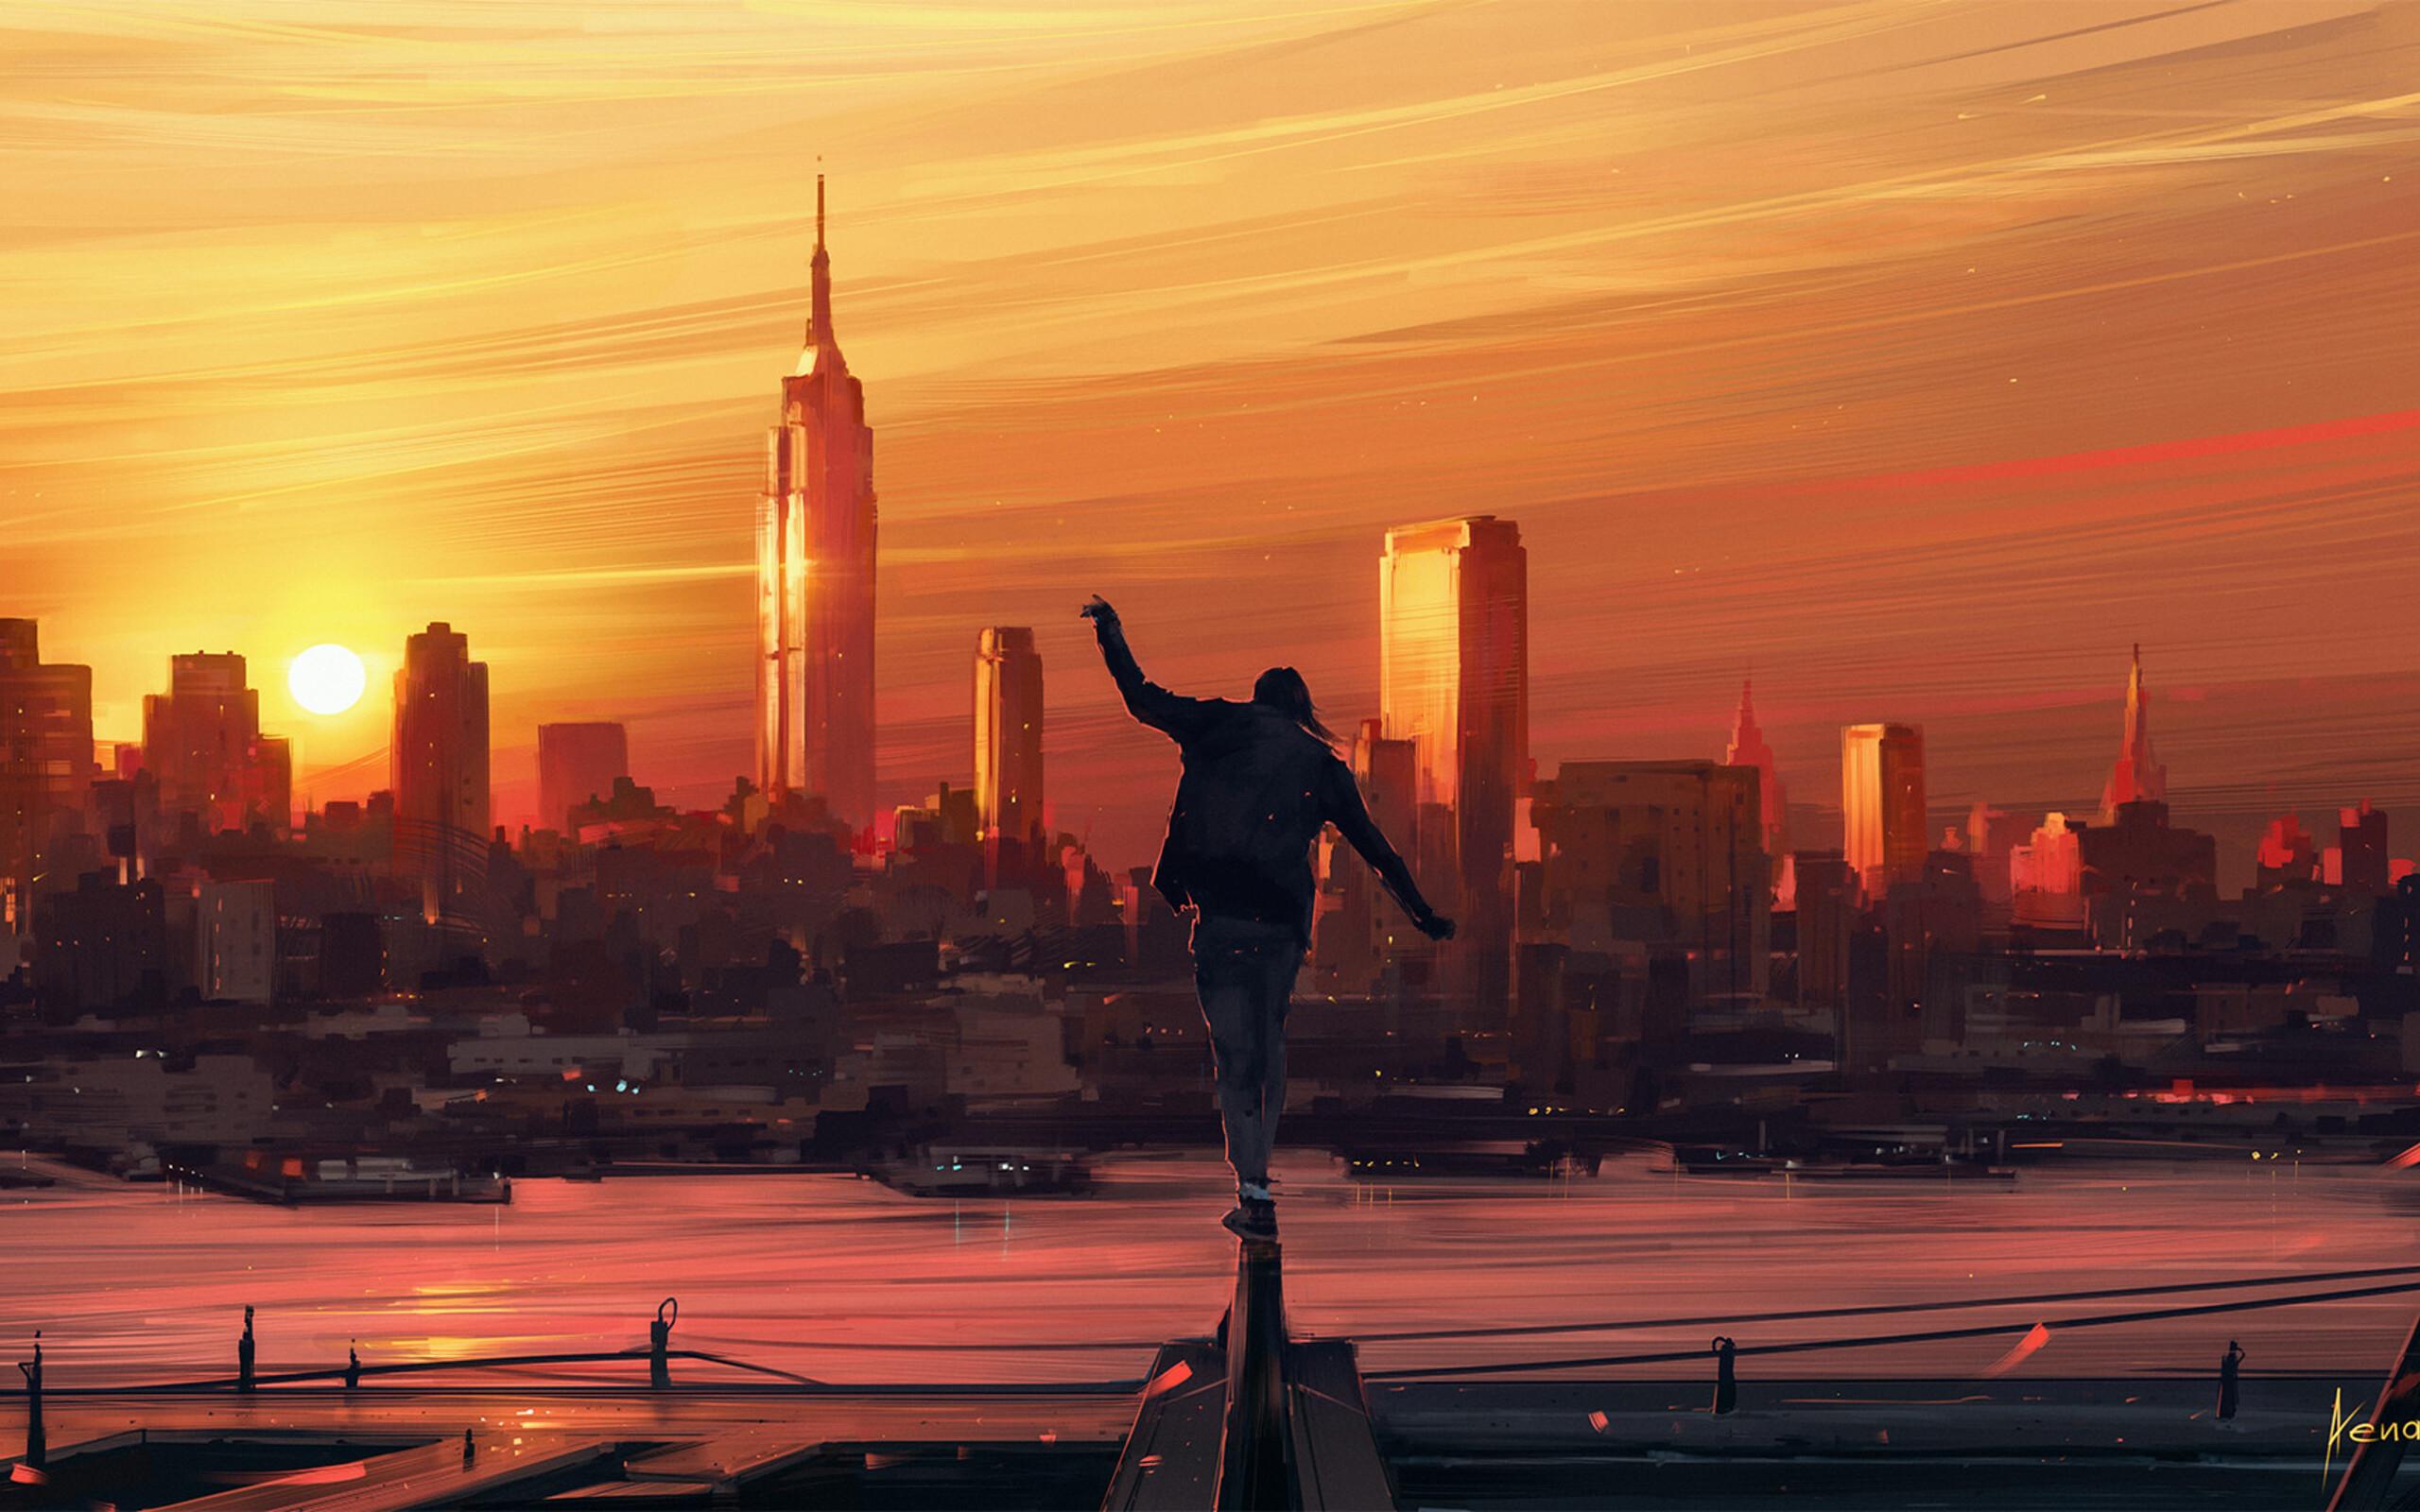 walking-on-the-roof-of-a-building-artwork-uj.jpg